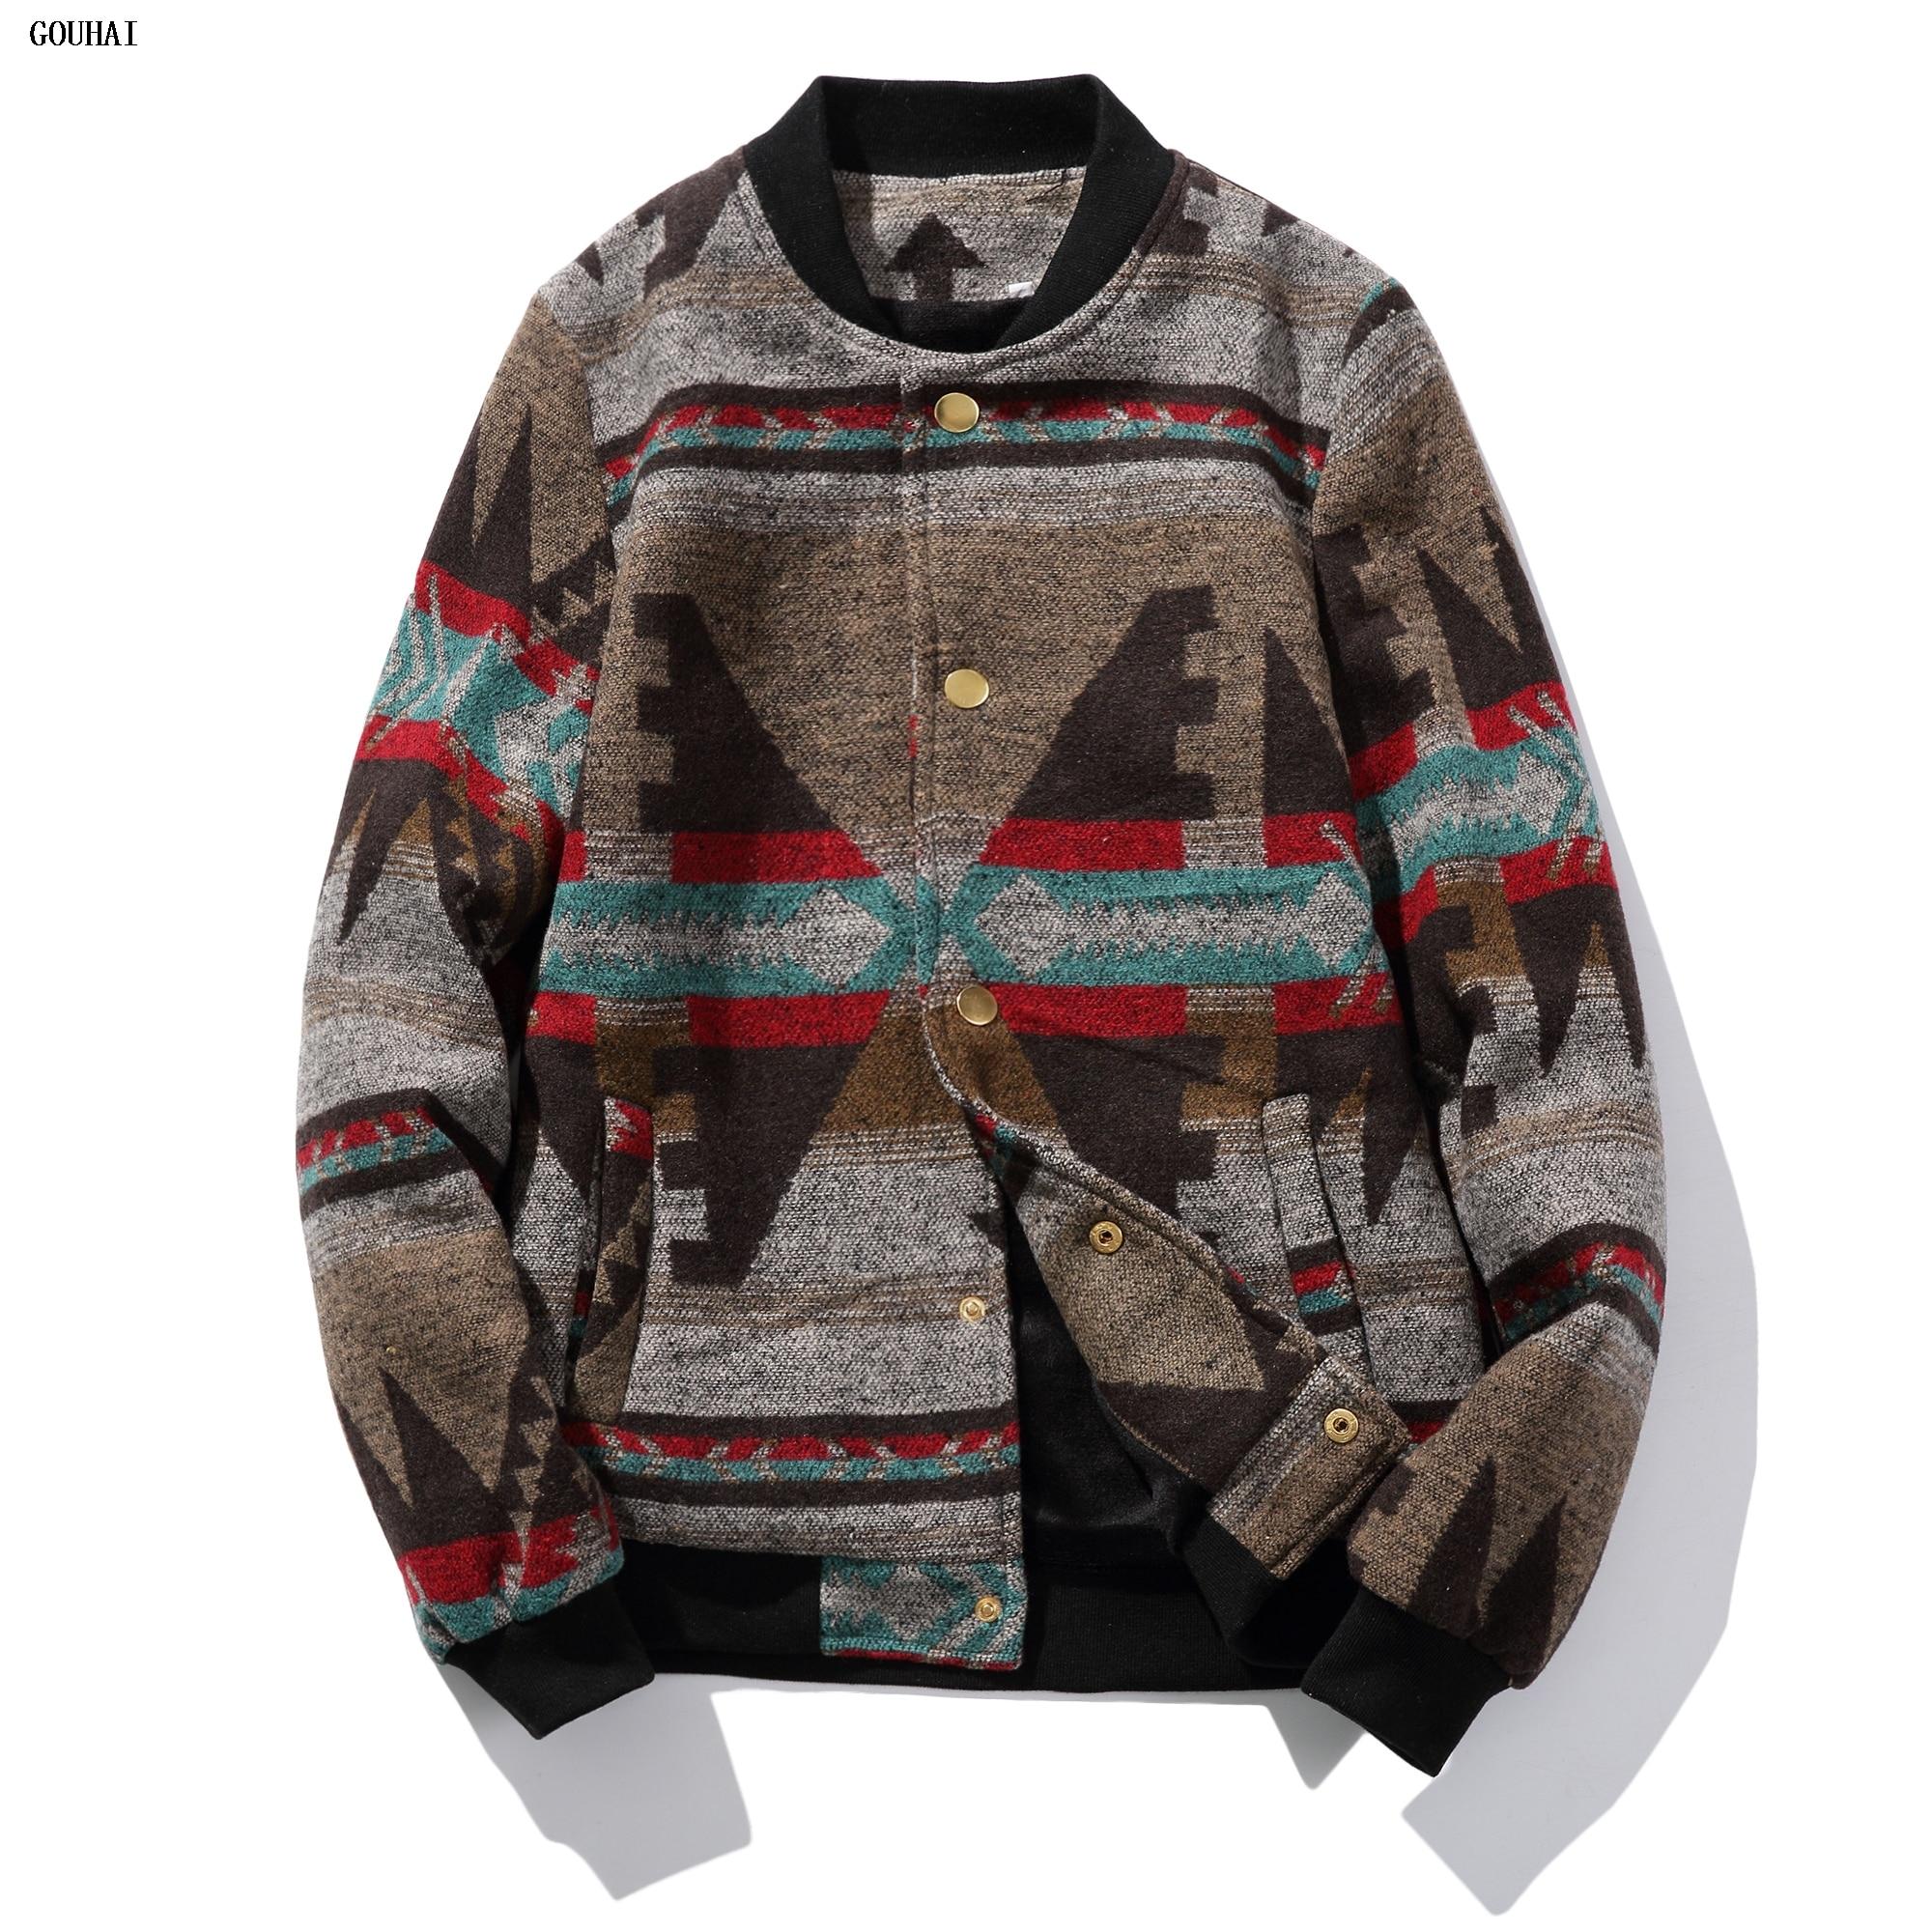 منفذها سترات الرجال 2018 الخريف الرجال سترة خليط طباعة الصوف الشتاء سترة الذكور سترة الرجال زائد حجم 5xl chaquetas hombre